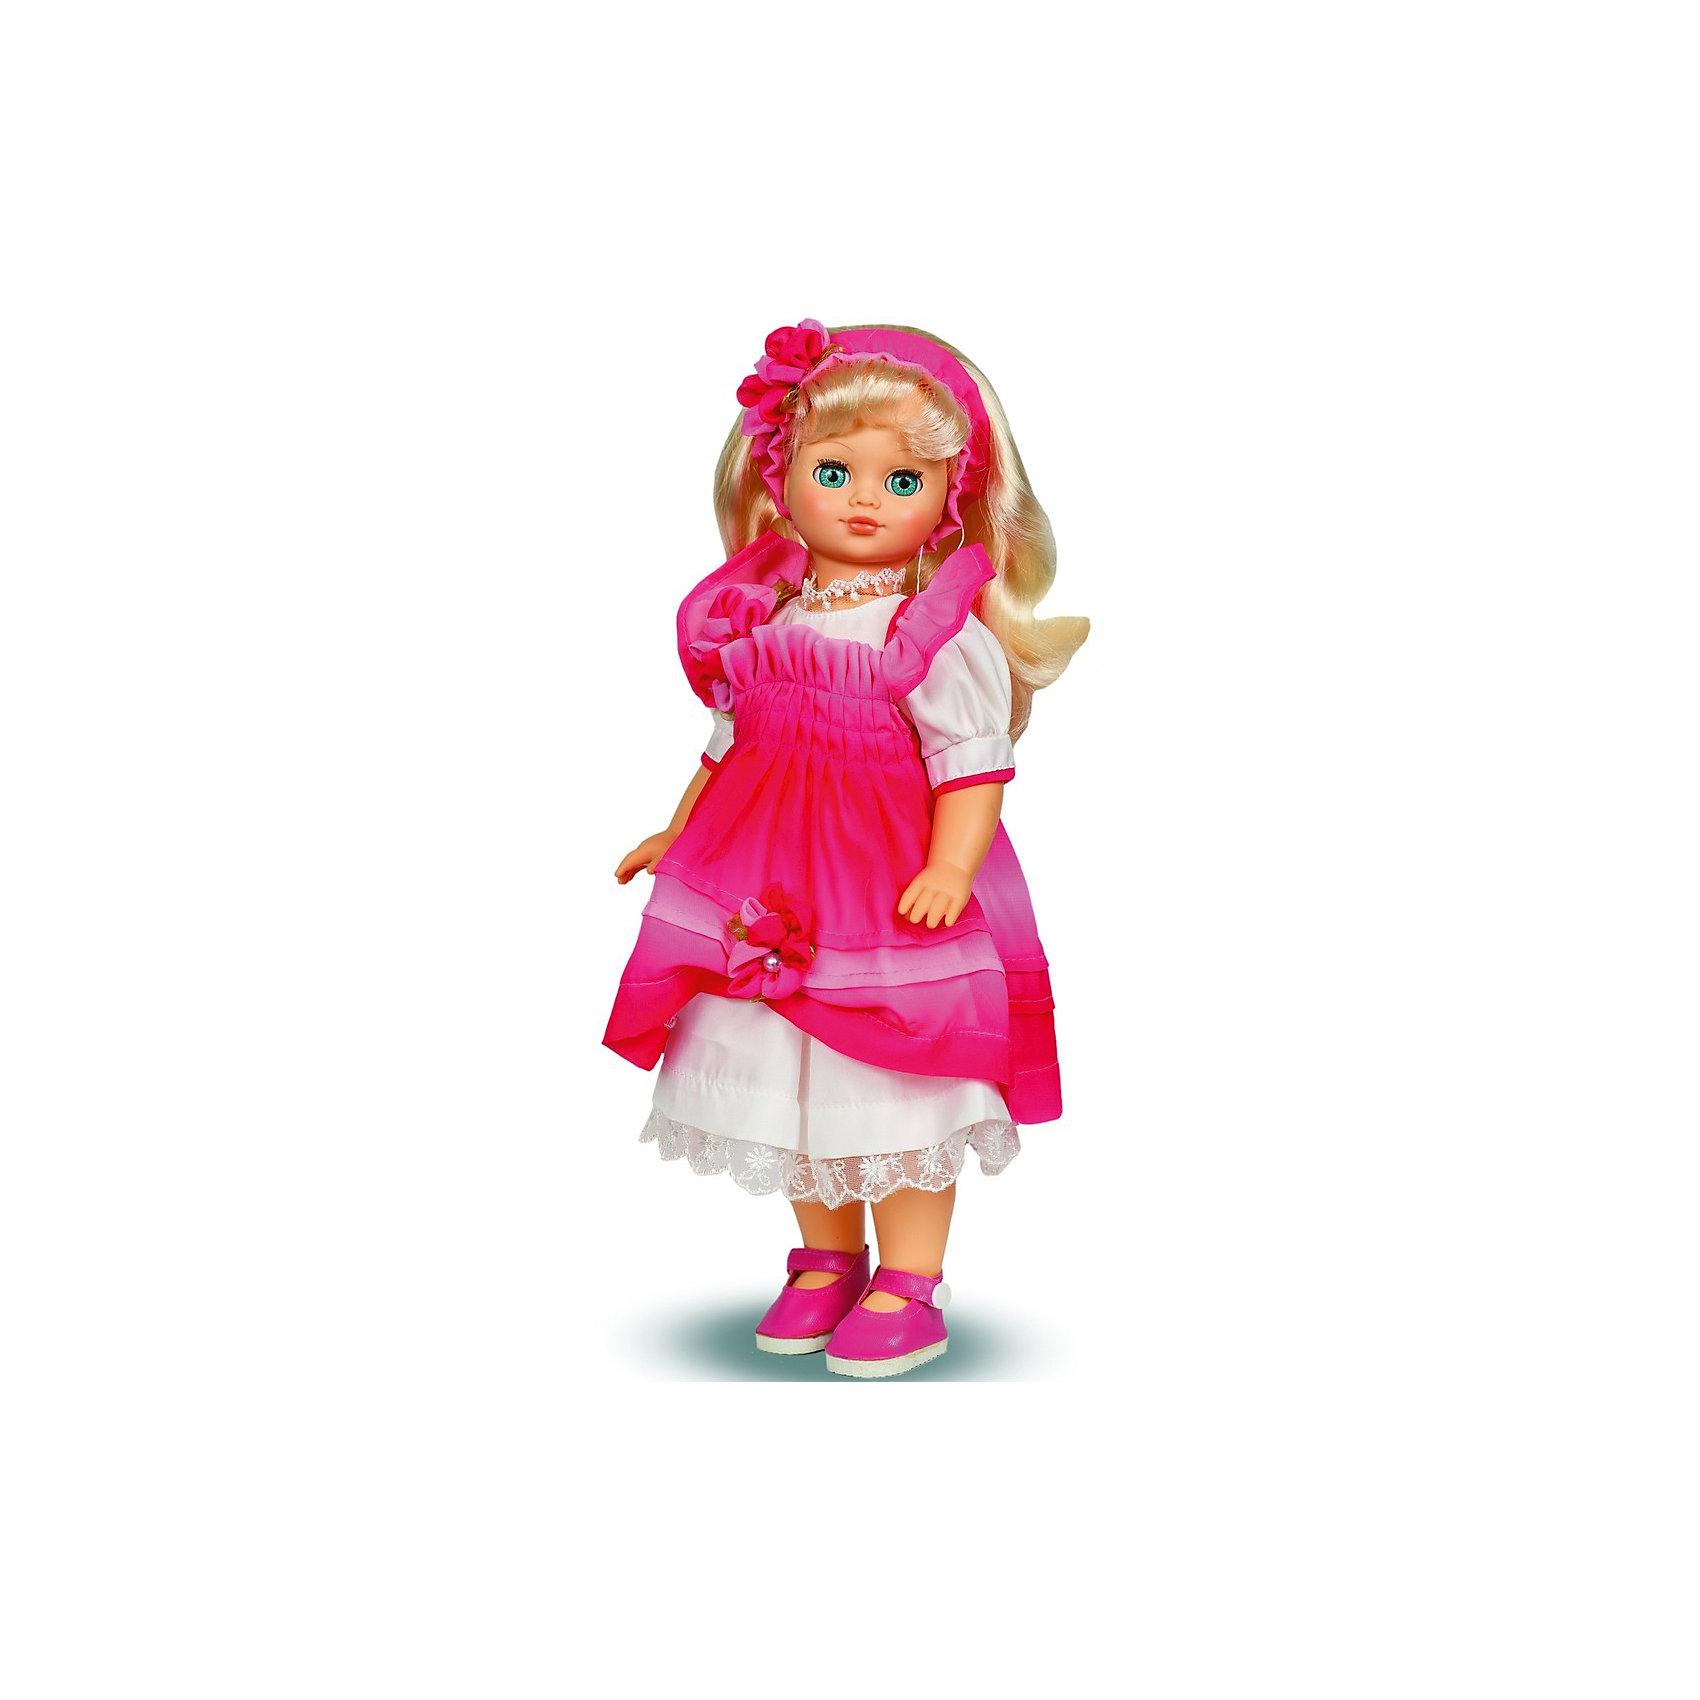 Кукла Лиза, со звуком, 42 см, ВеснаКлассические куклы<br>Эта очаровательная белокурая красавица покорит сердце любой девочки! Куколка одета оригинальный народный костюм, состоящий из розового сарафана с рюшами и белой длинной рубашки, декорированной нежным кружевом. На ногах - розовые туфельки. Волосы Лизы украшены полоской с цветами. Кукла оснащена звуковым модулем, она умеет произносить фразы и предложения, которые не только порадуют девочку, но и помогут ей расширить свой словарный запас, откроют возможности для различных игровых сюжетов. Игрушка выполнена из высококачественных нетоксичных материалов абсолютно безопасных для детей.<br><br>Дополнительная информация:<br><br>- Материал: пластизол, пластик, текстиль.<br>- Размер: 42 см.<br>- Комплектация: кукла в одежде и обуви. <br>- Фразы и предложения: Теперь ты моя подруга, Ты не забыла - сегодня мы идем на праздник, Нам нужно быть красивыми, <br>Сделай мне прическу!, Получилось очень красиво!, Теперь себе, Не забудь про маникюр, А нарядное платье?, Мы сегодня самые красивые!, <br>- Голова, руки, ноги подвижные.<br>- Глаза могут закрываться. <br><br>Куклу Лизу, со звуком, 42 см, Весна, можно купить в нашем магазине.<br><br>Ширина мм: 210<br>Глубина мм: 130<br>Высота мм: 430<br>Вес г: 420<br>Возраст от месяцев: 36<br>Возраст до месяцев: 120<br>Пол: Женский<br>Возраст: Детский<br>SKU: 4595143